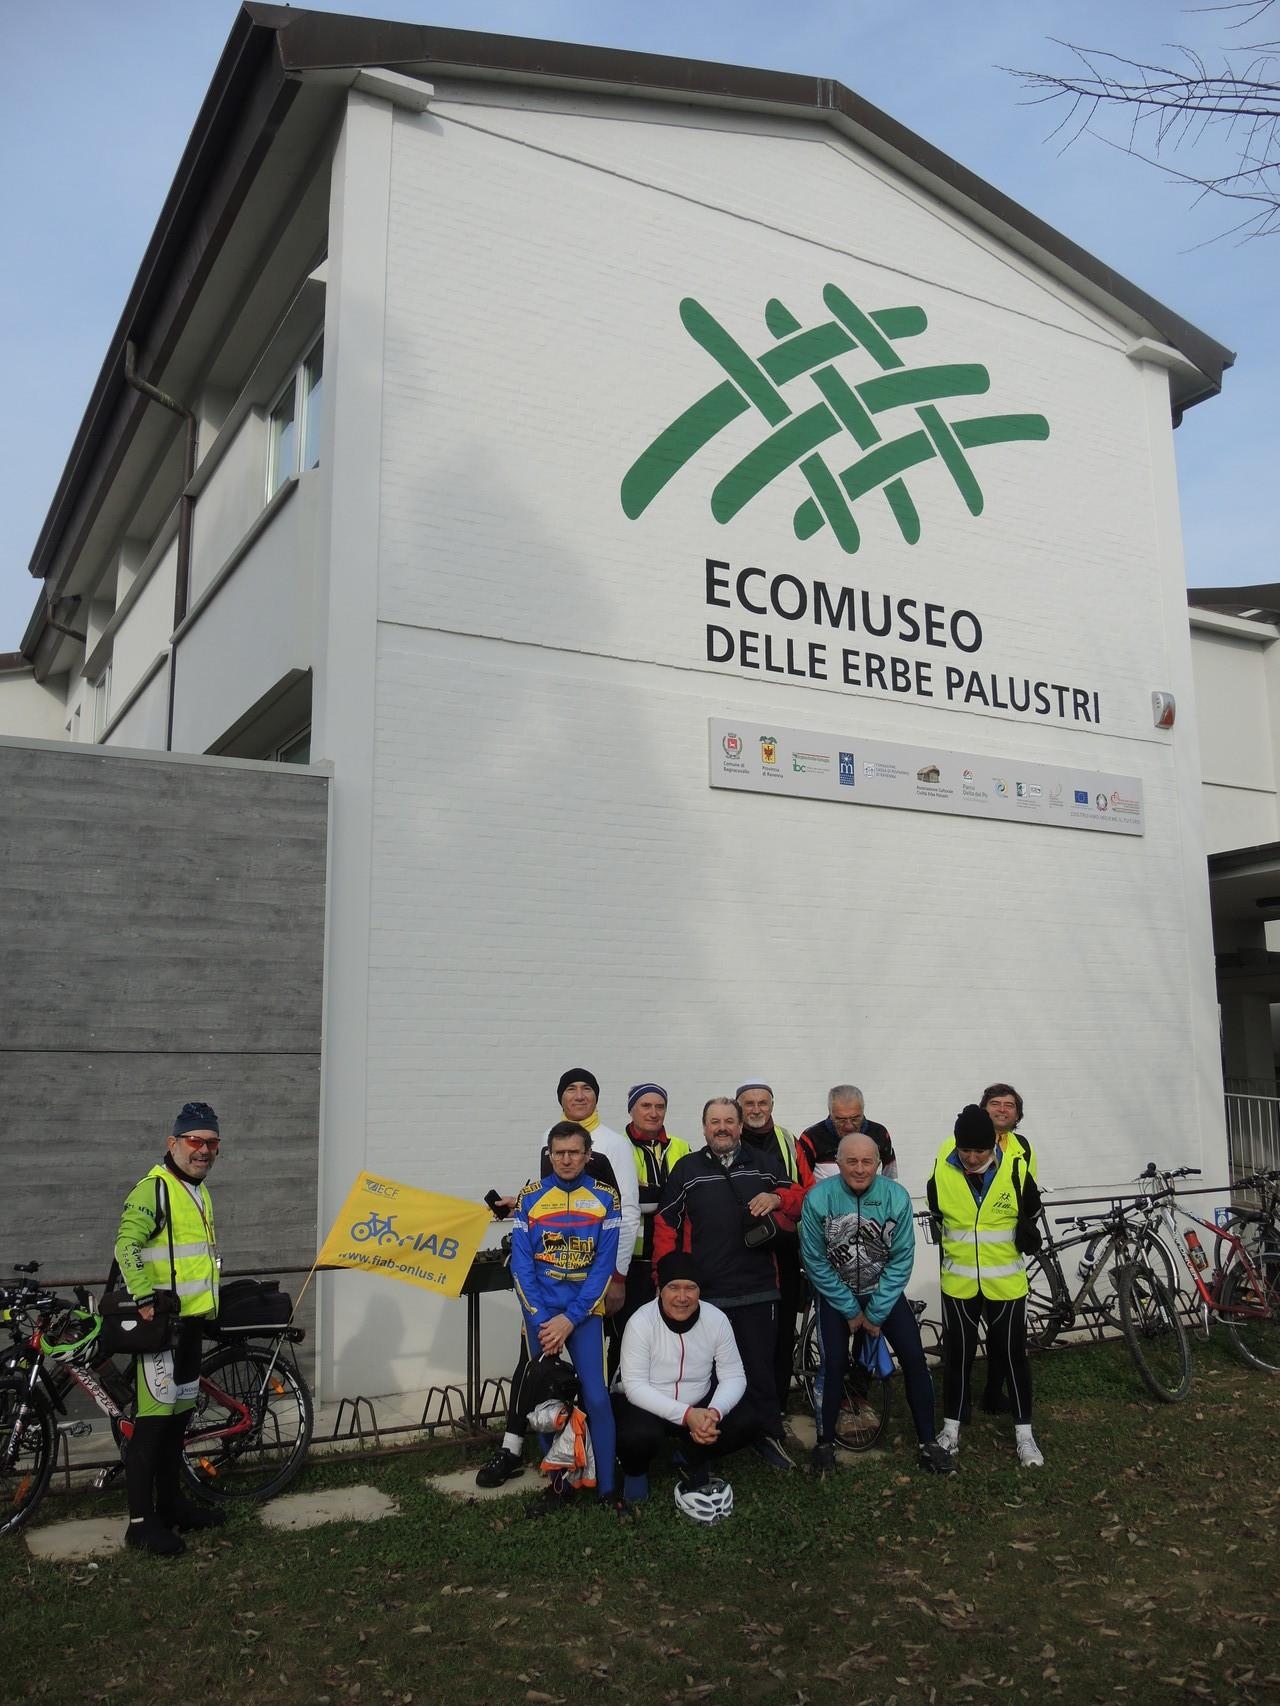 foto di gruppo all'ingresso dell'Ecomuseo